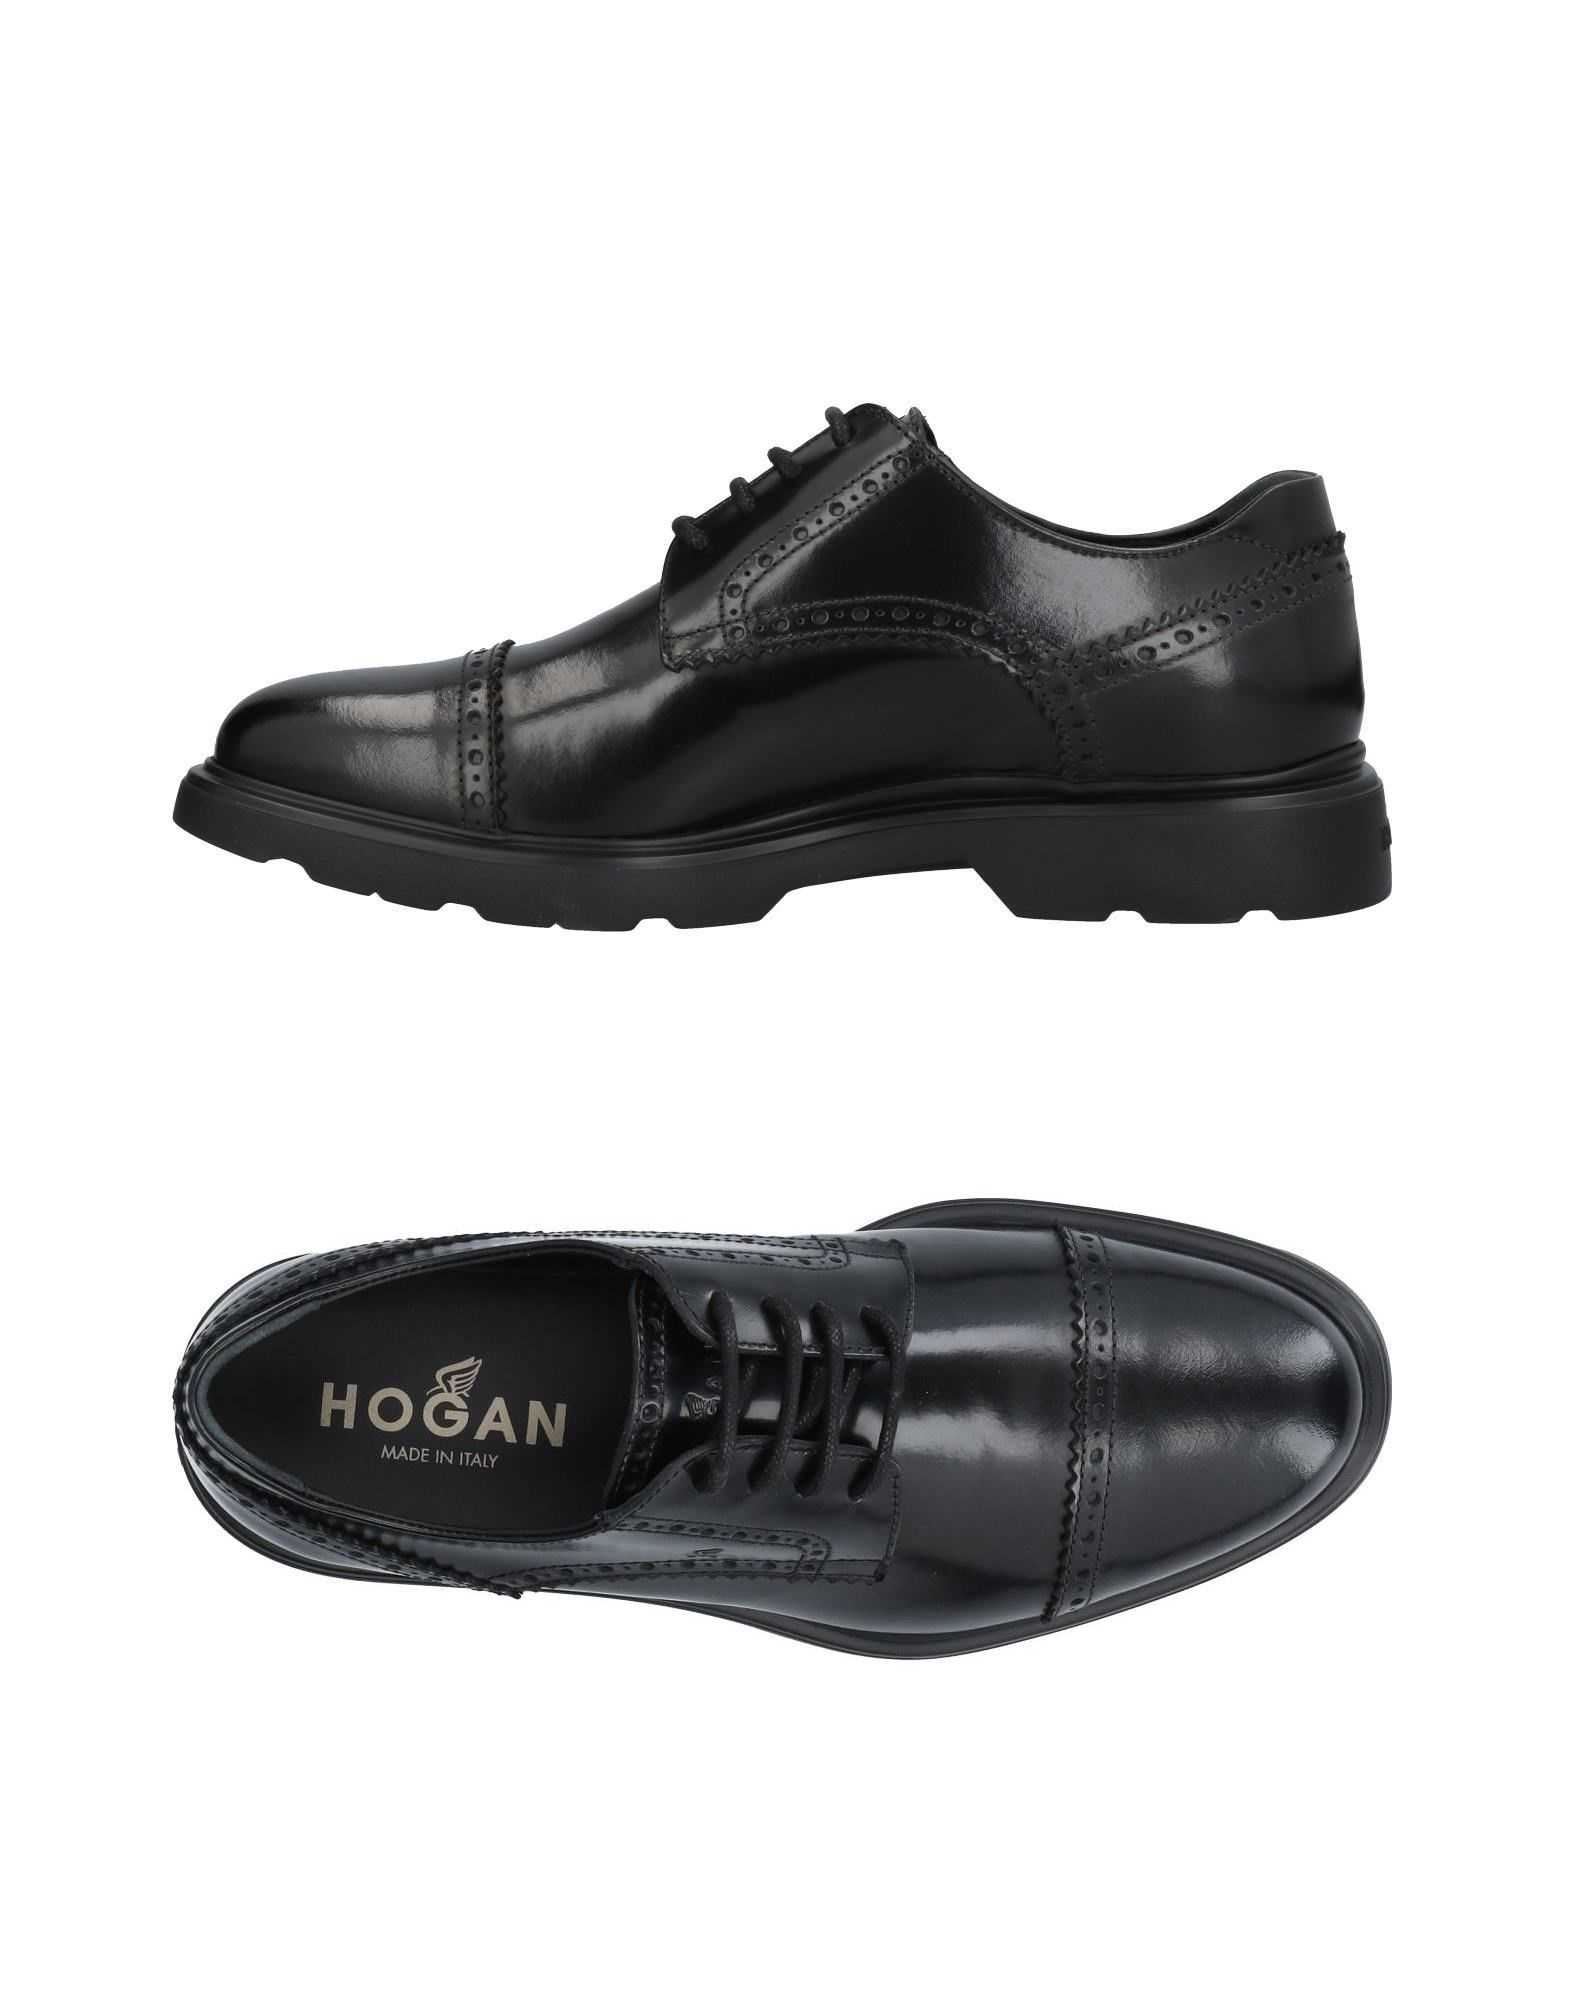 Moda Stringate Hogan Hogan Stringate Uomo - 11461857SV b4d34d